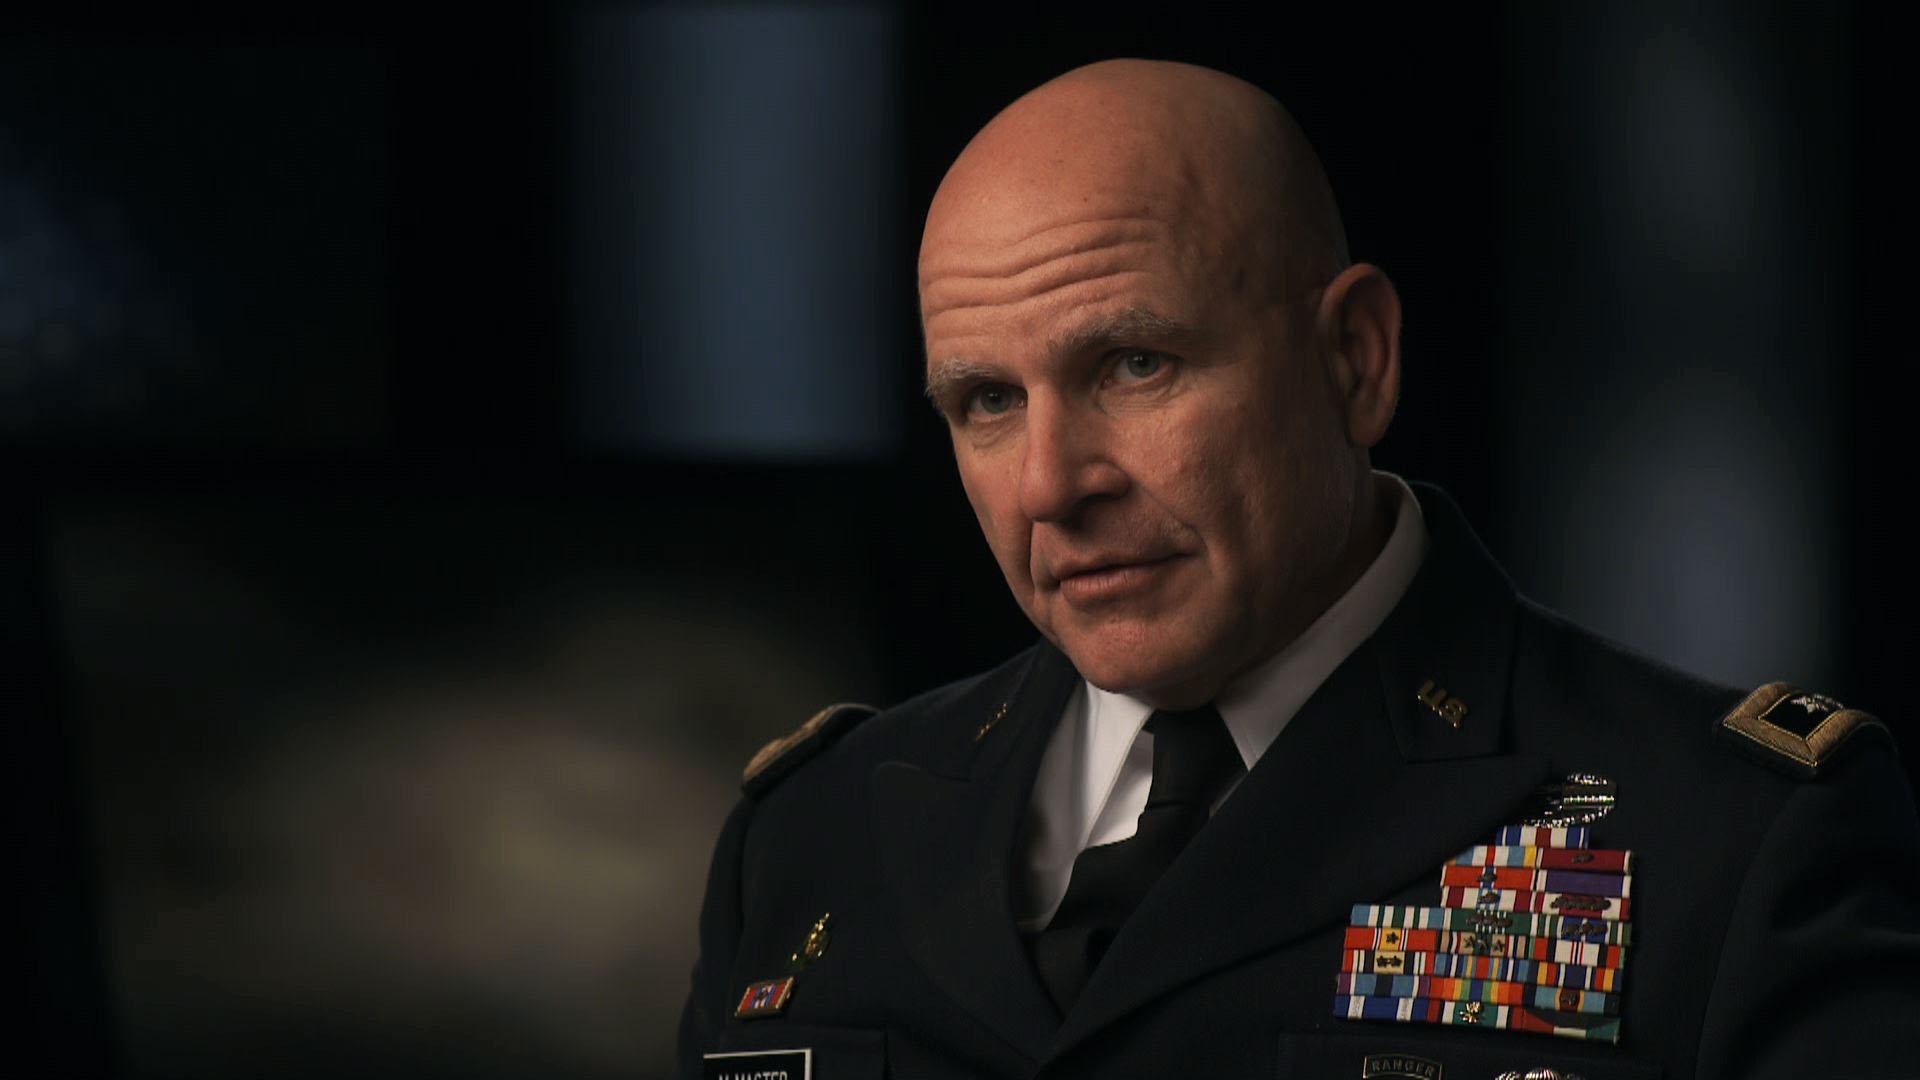 El mandatario estadounidense Donald Trump designó al general del ejército HR McMaster para cumplir el cargo